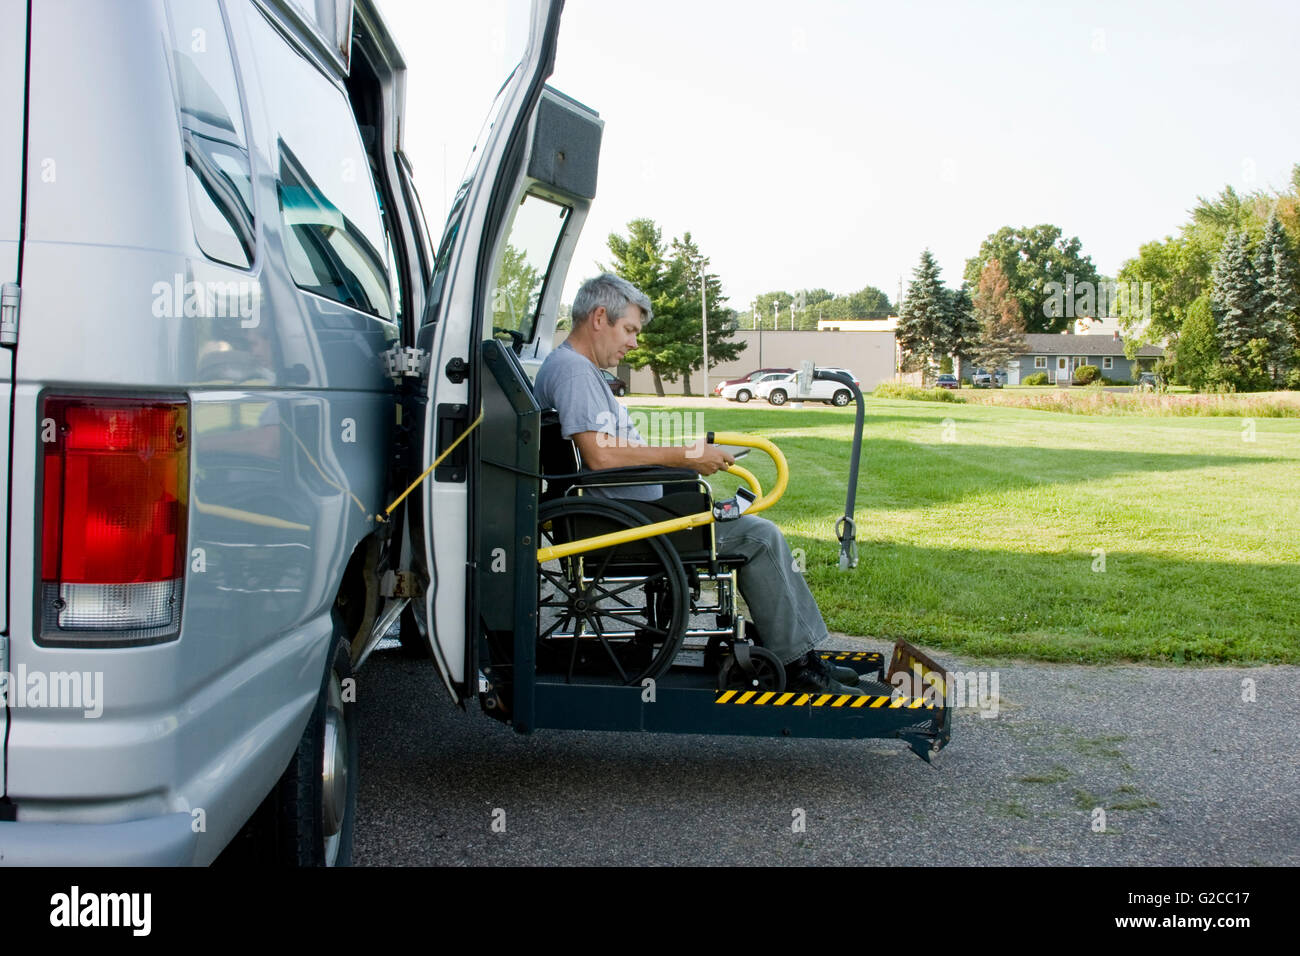 Behinderung-Konvertierung heben van mit einem Mann im Rollstuhl auf dem Tor Stockbild